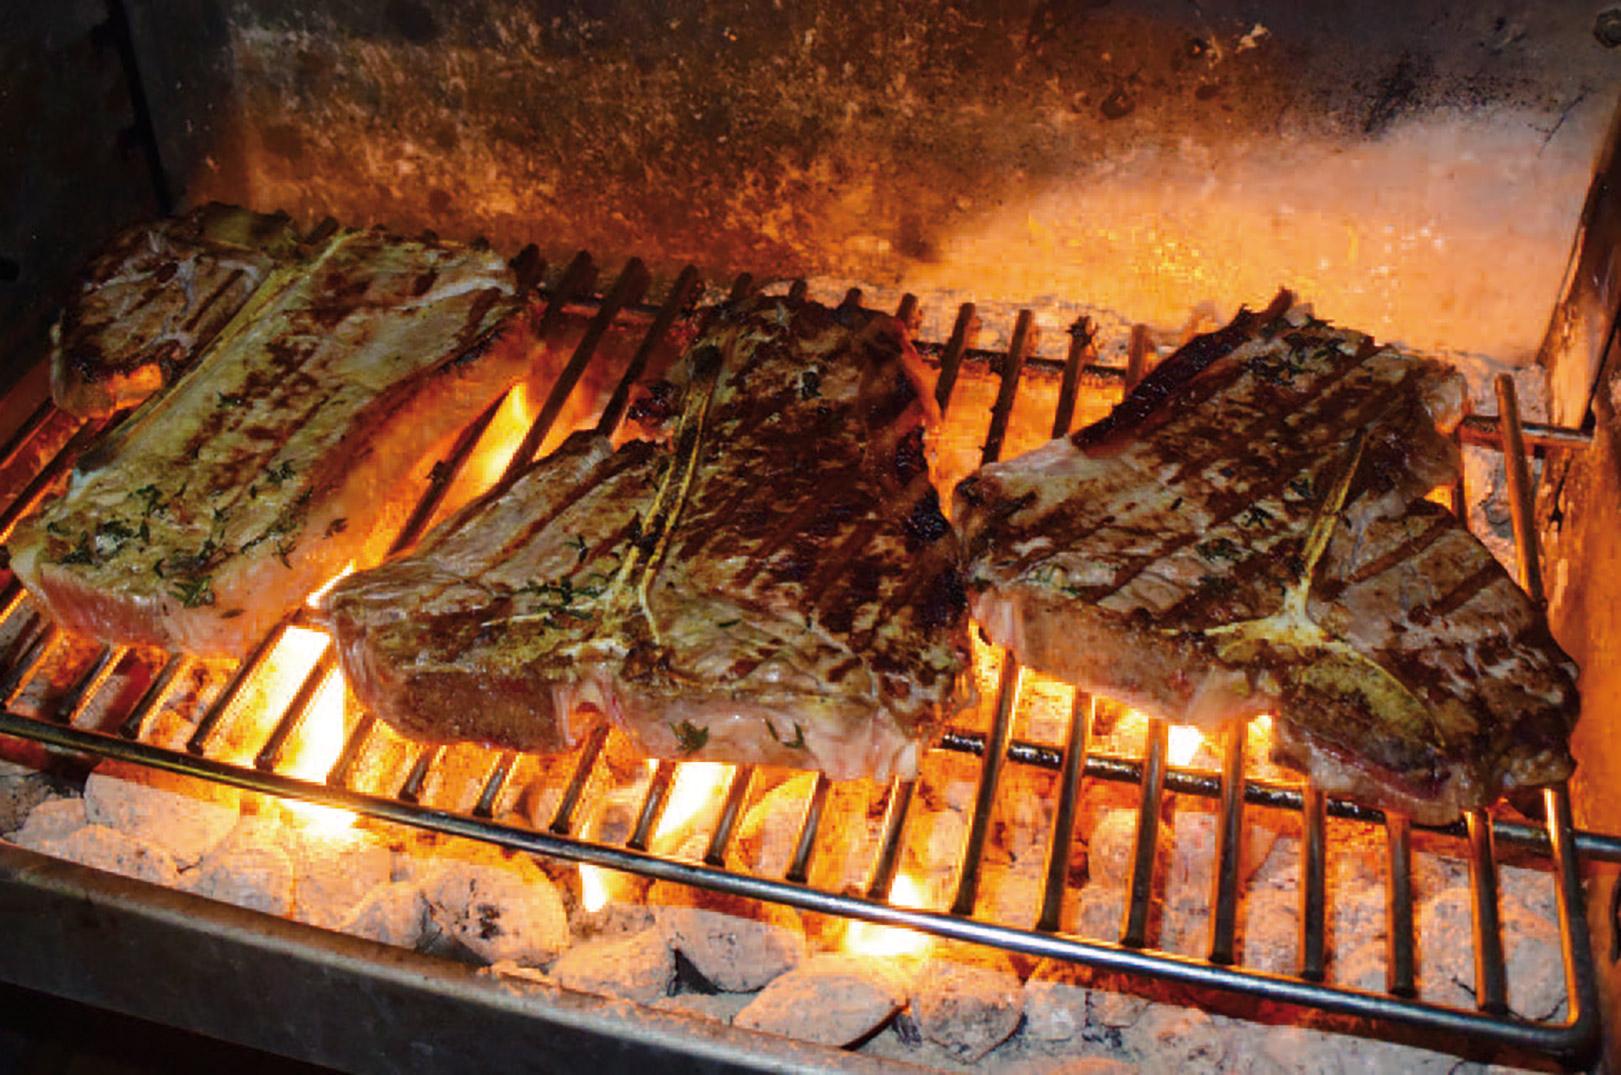 Et par gode bøffer fra det lokale slagteri ryger på grillen om aftenen i sommerhuset.